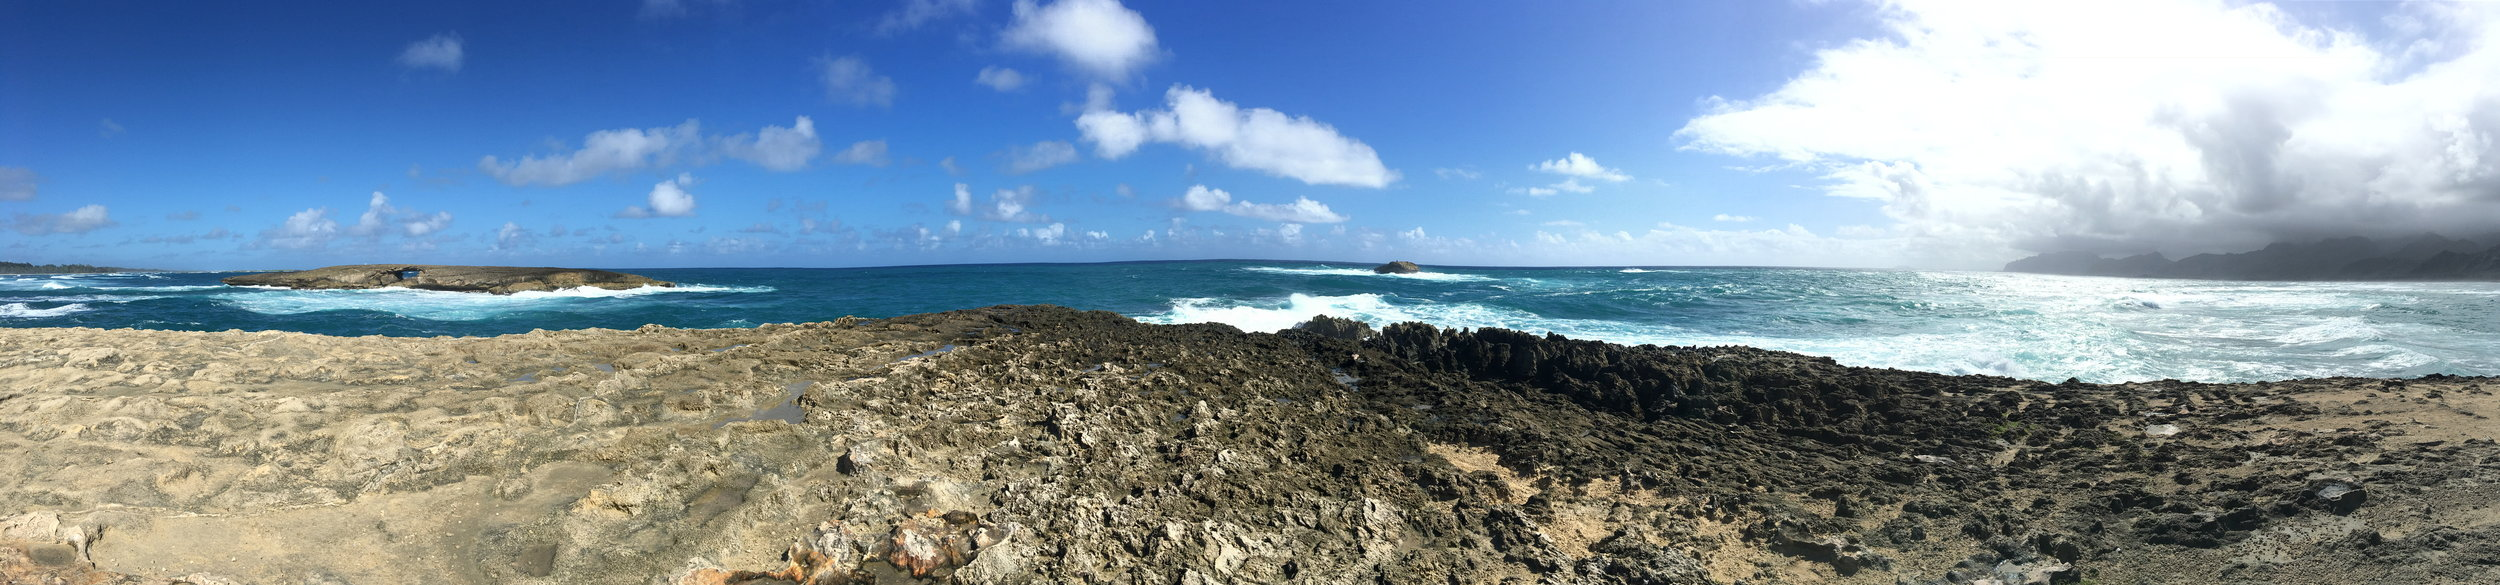 Laie Point, Oahu, Hawaii